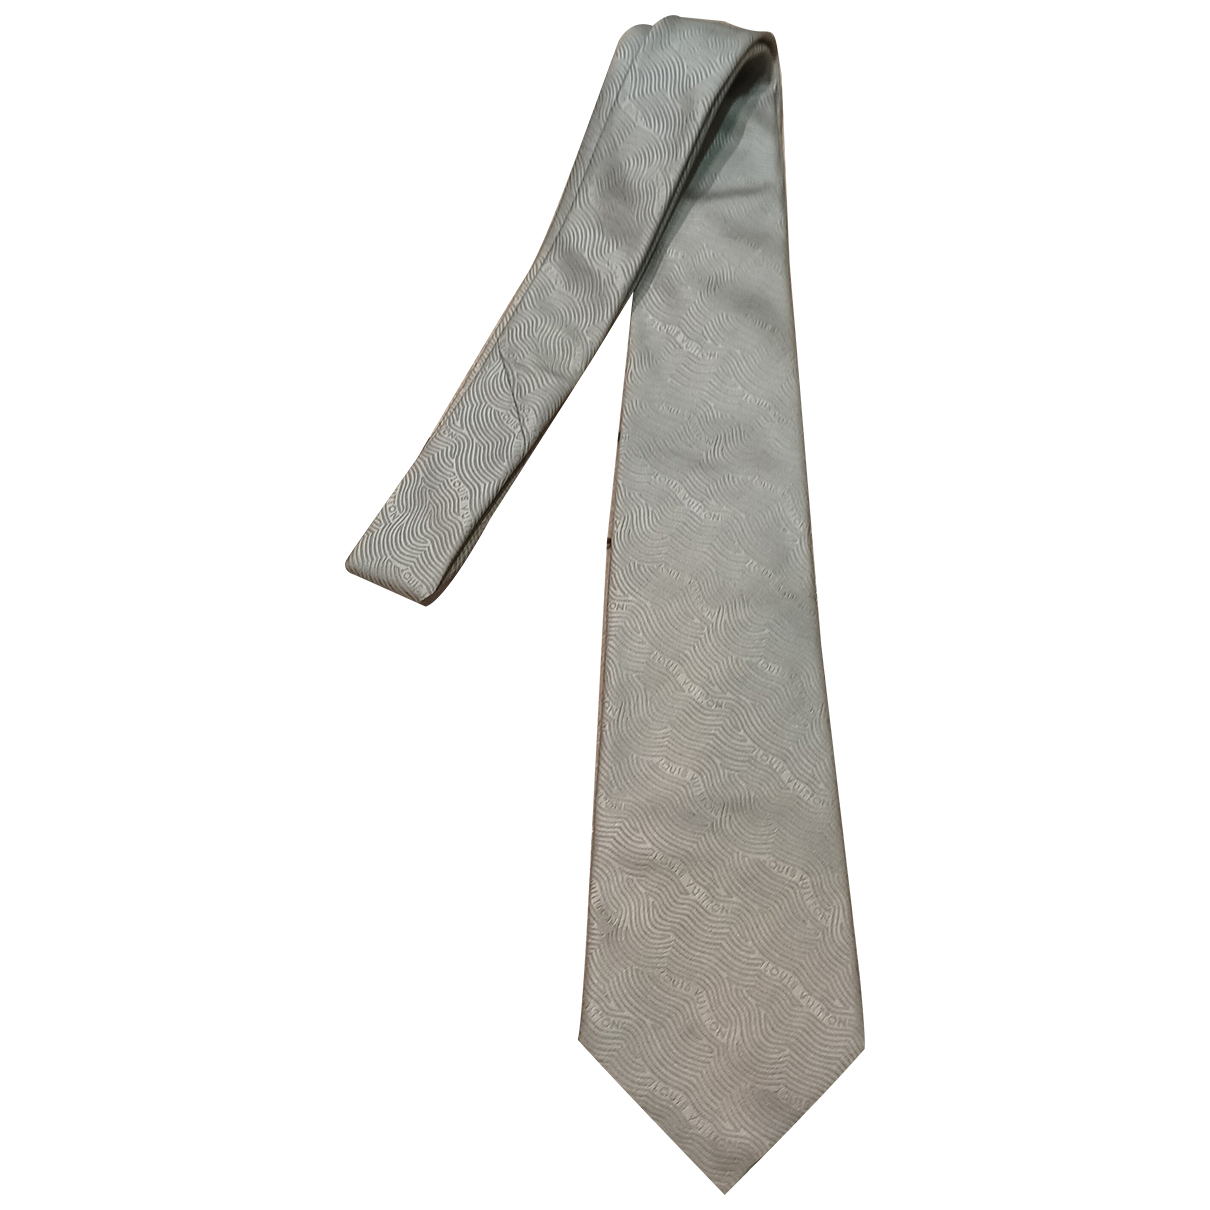 Corbata de Seda Louis Vuitton